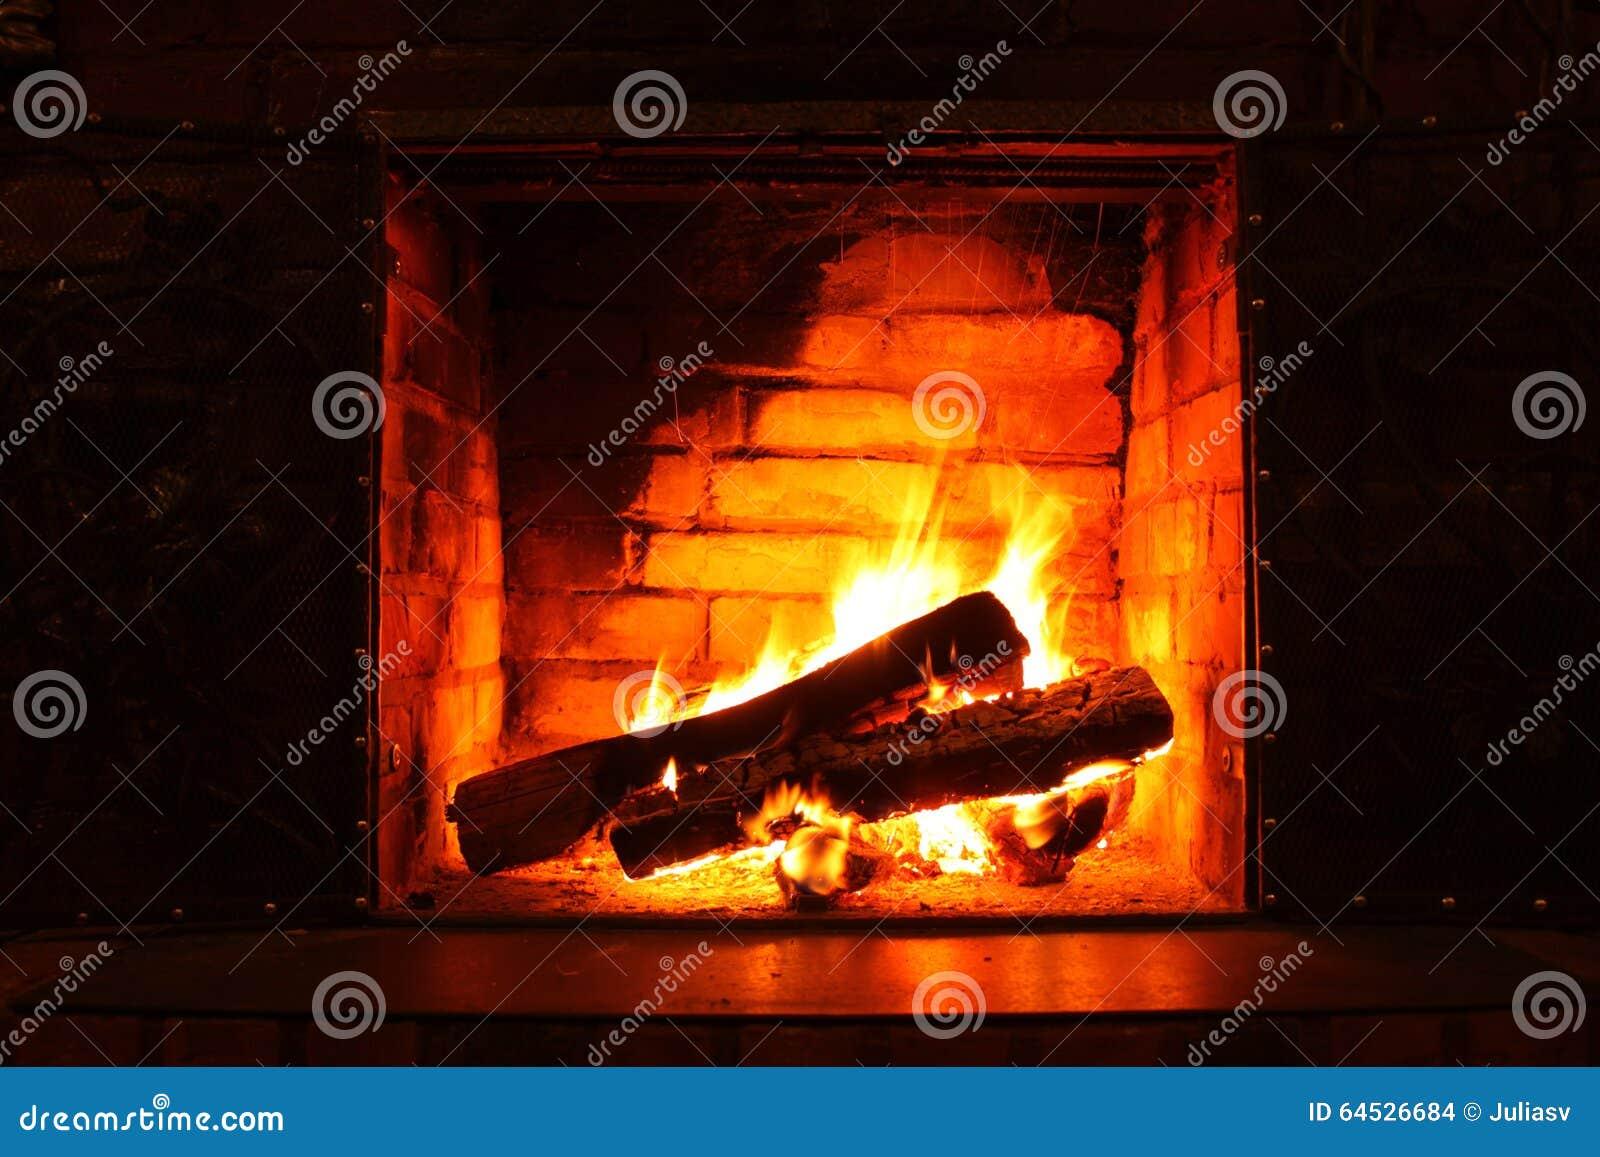 Fogo em chaminé ardente no close-up do inverno